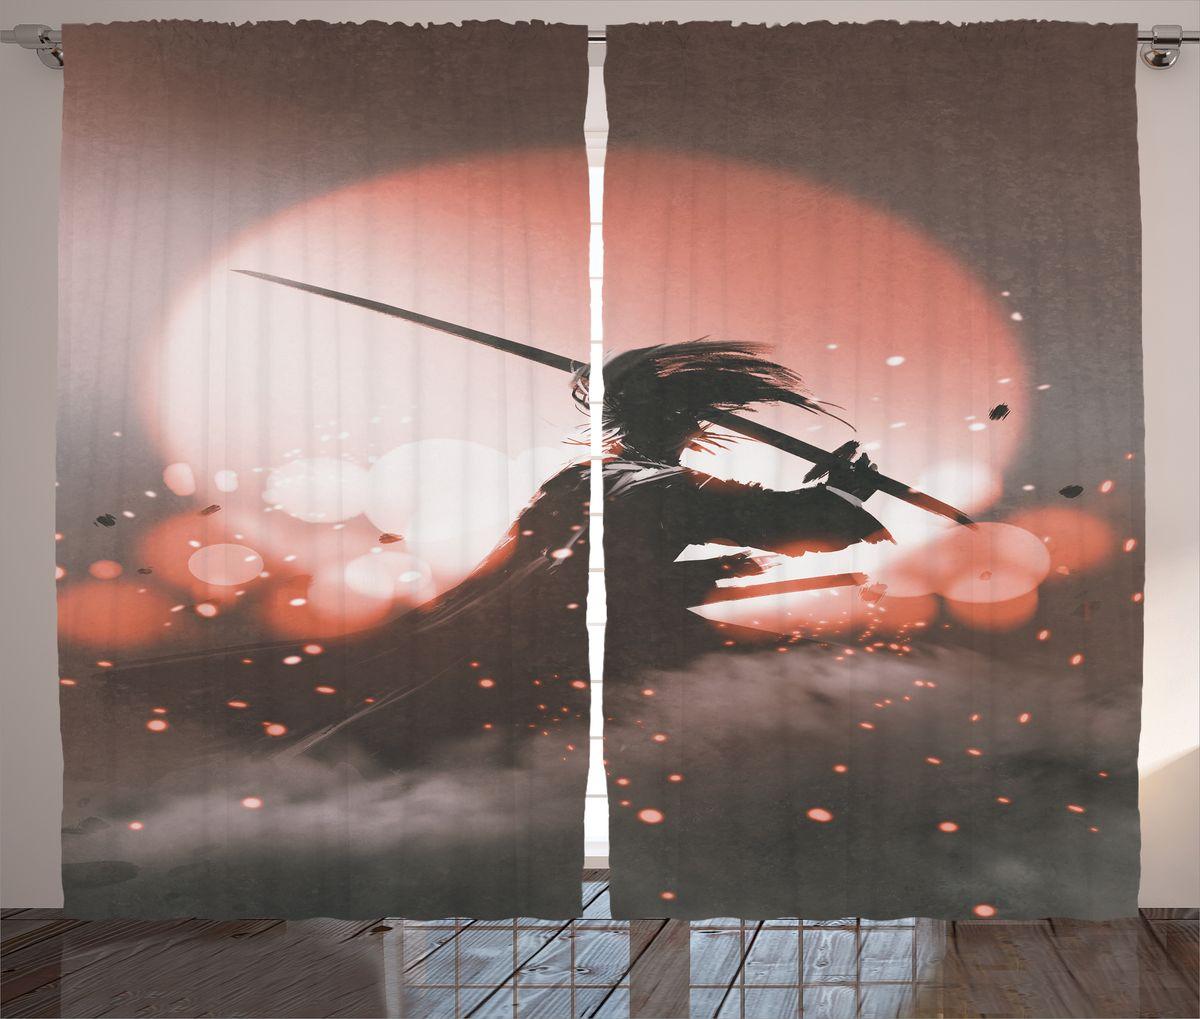 Комплект фотоштор Magic Lady Самурай на фоне заката, на ленте, высота 265 см. шсг_18287шсг_18287Компания Сэмболь изготавливает шторы из высококачественного сатена (полиэстер 100%). При изготовлении используются специальные гипоаллергенные чернила для прямой печати по ткани, безопасные для человека и животных. Экологичность продукции Magic lady и безопасность для окружающей среды подтверждены сертификатом Oeko-Tex Standard 100. Крепление: крючки для крепления на шторной ленте (50 шт). Возможно крепление на трубу. Внимание! При нанесении сублимационной печати на ткань технологическим методом при температуре 240°С, возможно отклонение полученных размеров (указанных на этикетке и сайте) от стандартных на + - 3-5 см. Производитель старается максимально точно передать цвета изделия на фотографиях, однако искажения неизбежны и фактический цвет изделия может отличаться от воспринимаемого по фото. Обратите внимание! Шторы изготовлены из полиэстра сатенового переплетения, а не из сатина (хлопок). Размер одного полотна шторы: 145х265 см. В комплекте 2...